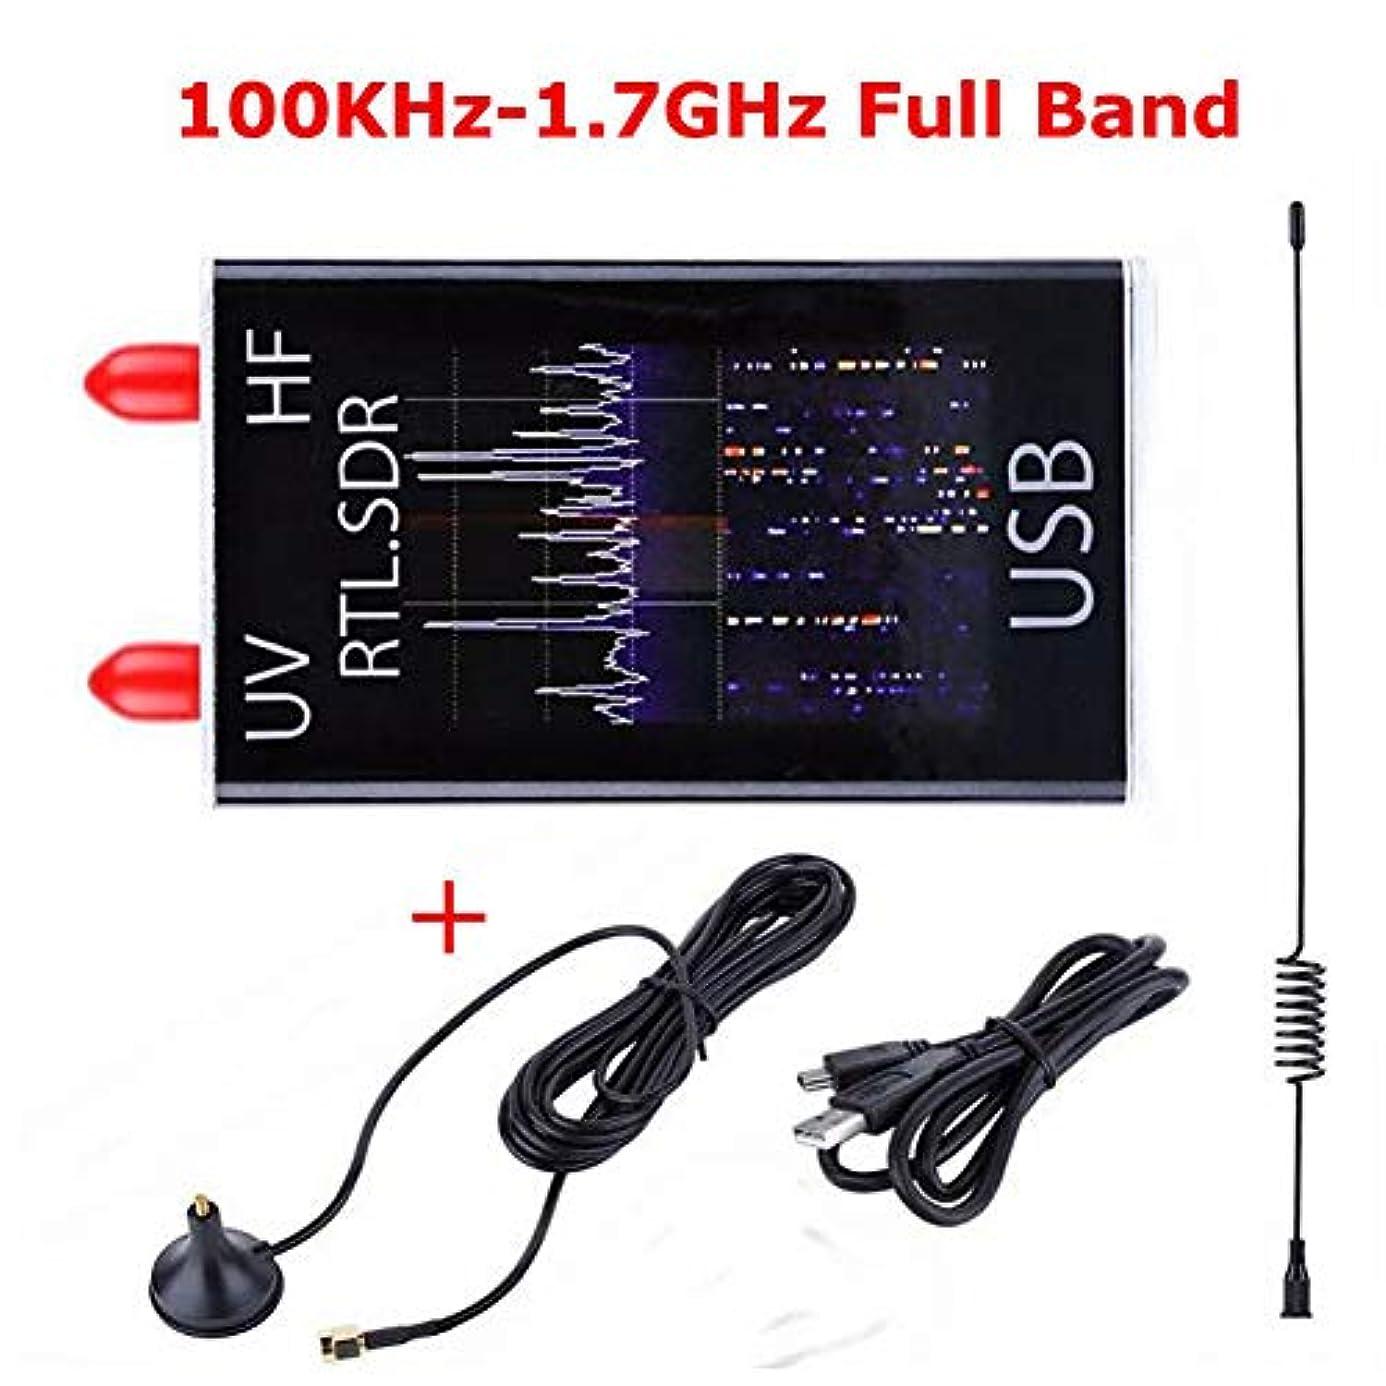 純正ベーシックみACHICOO 100KHz?1.7GHzフルバンドUV HF RTL-SDR USBチューナーレシーバ/ R820T + 8232ハムラジオ